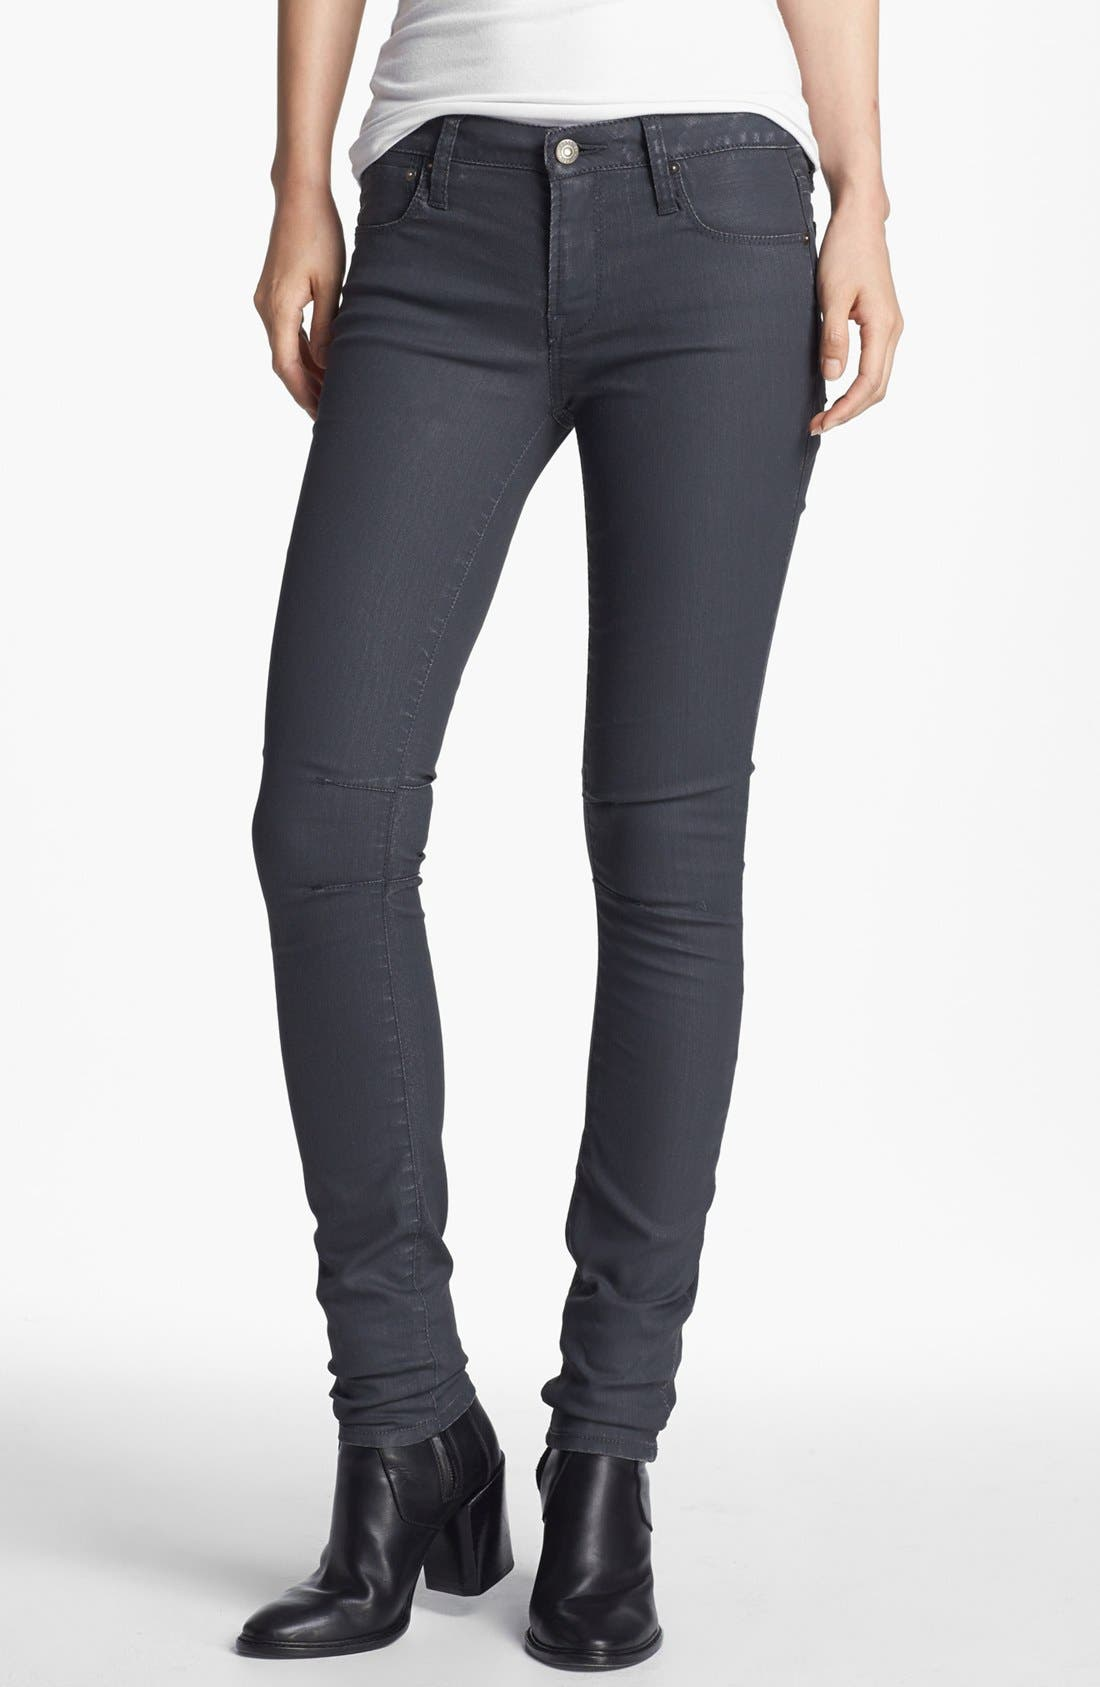 Alternate Image 1 Selected - HELMUT Helmut Lang 'Shale' Skinny Stretch Jeans